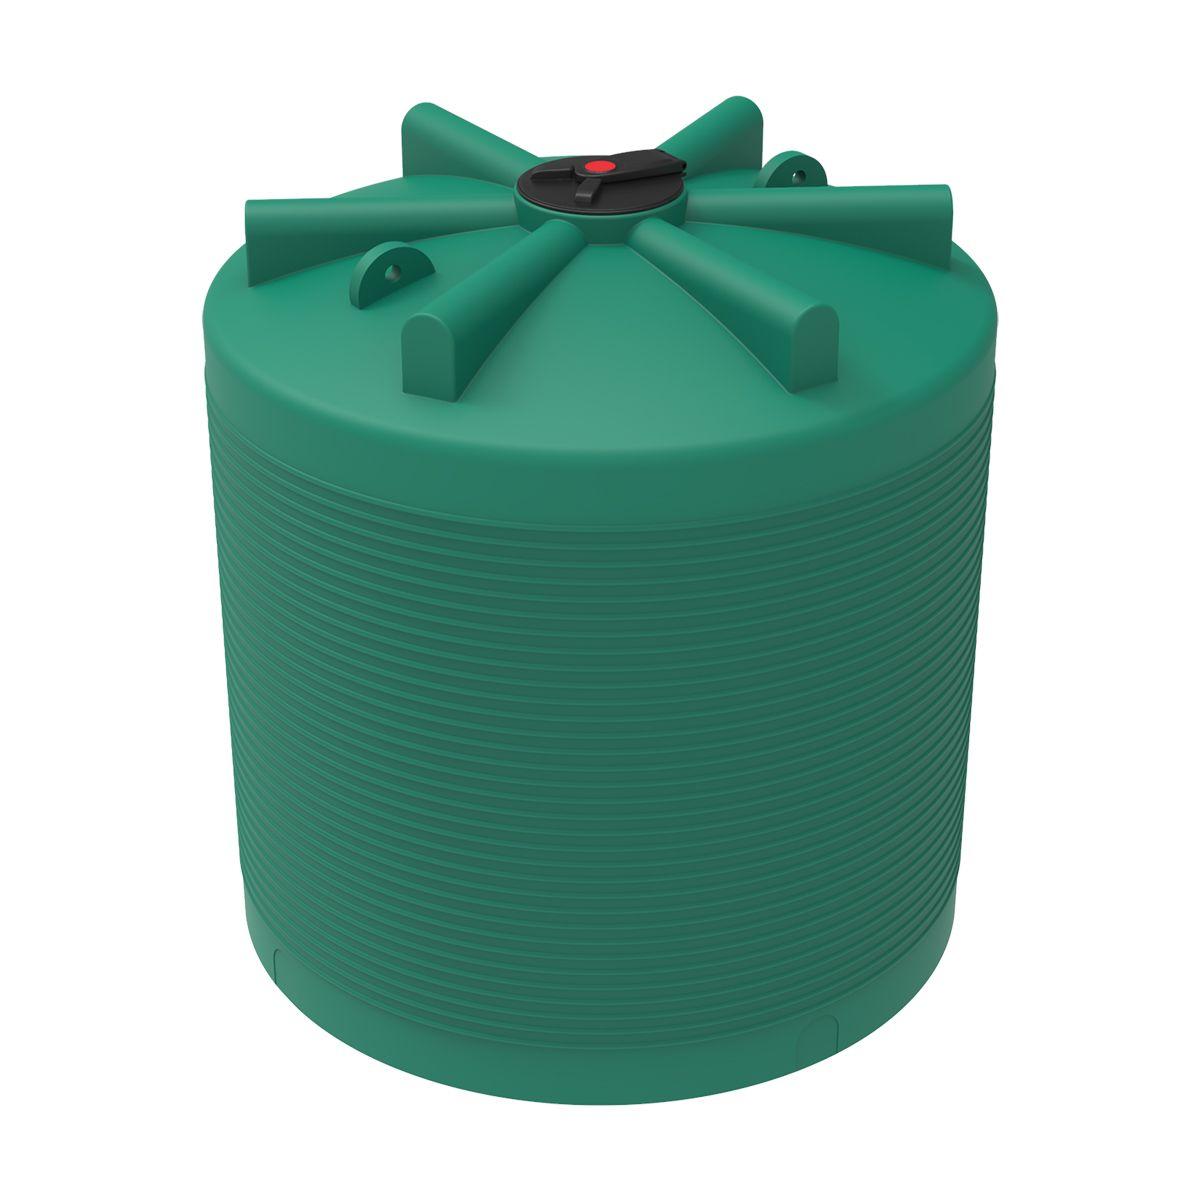 Бак для воды 7500 литров ЭВЛ зеленый пластиковый